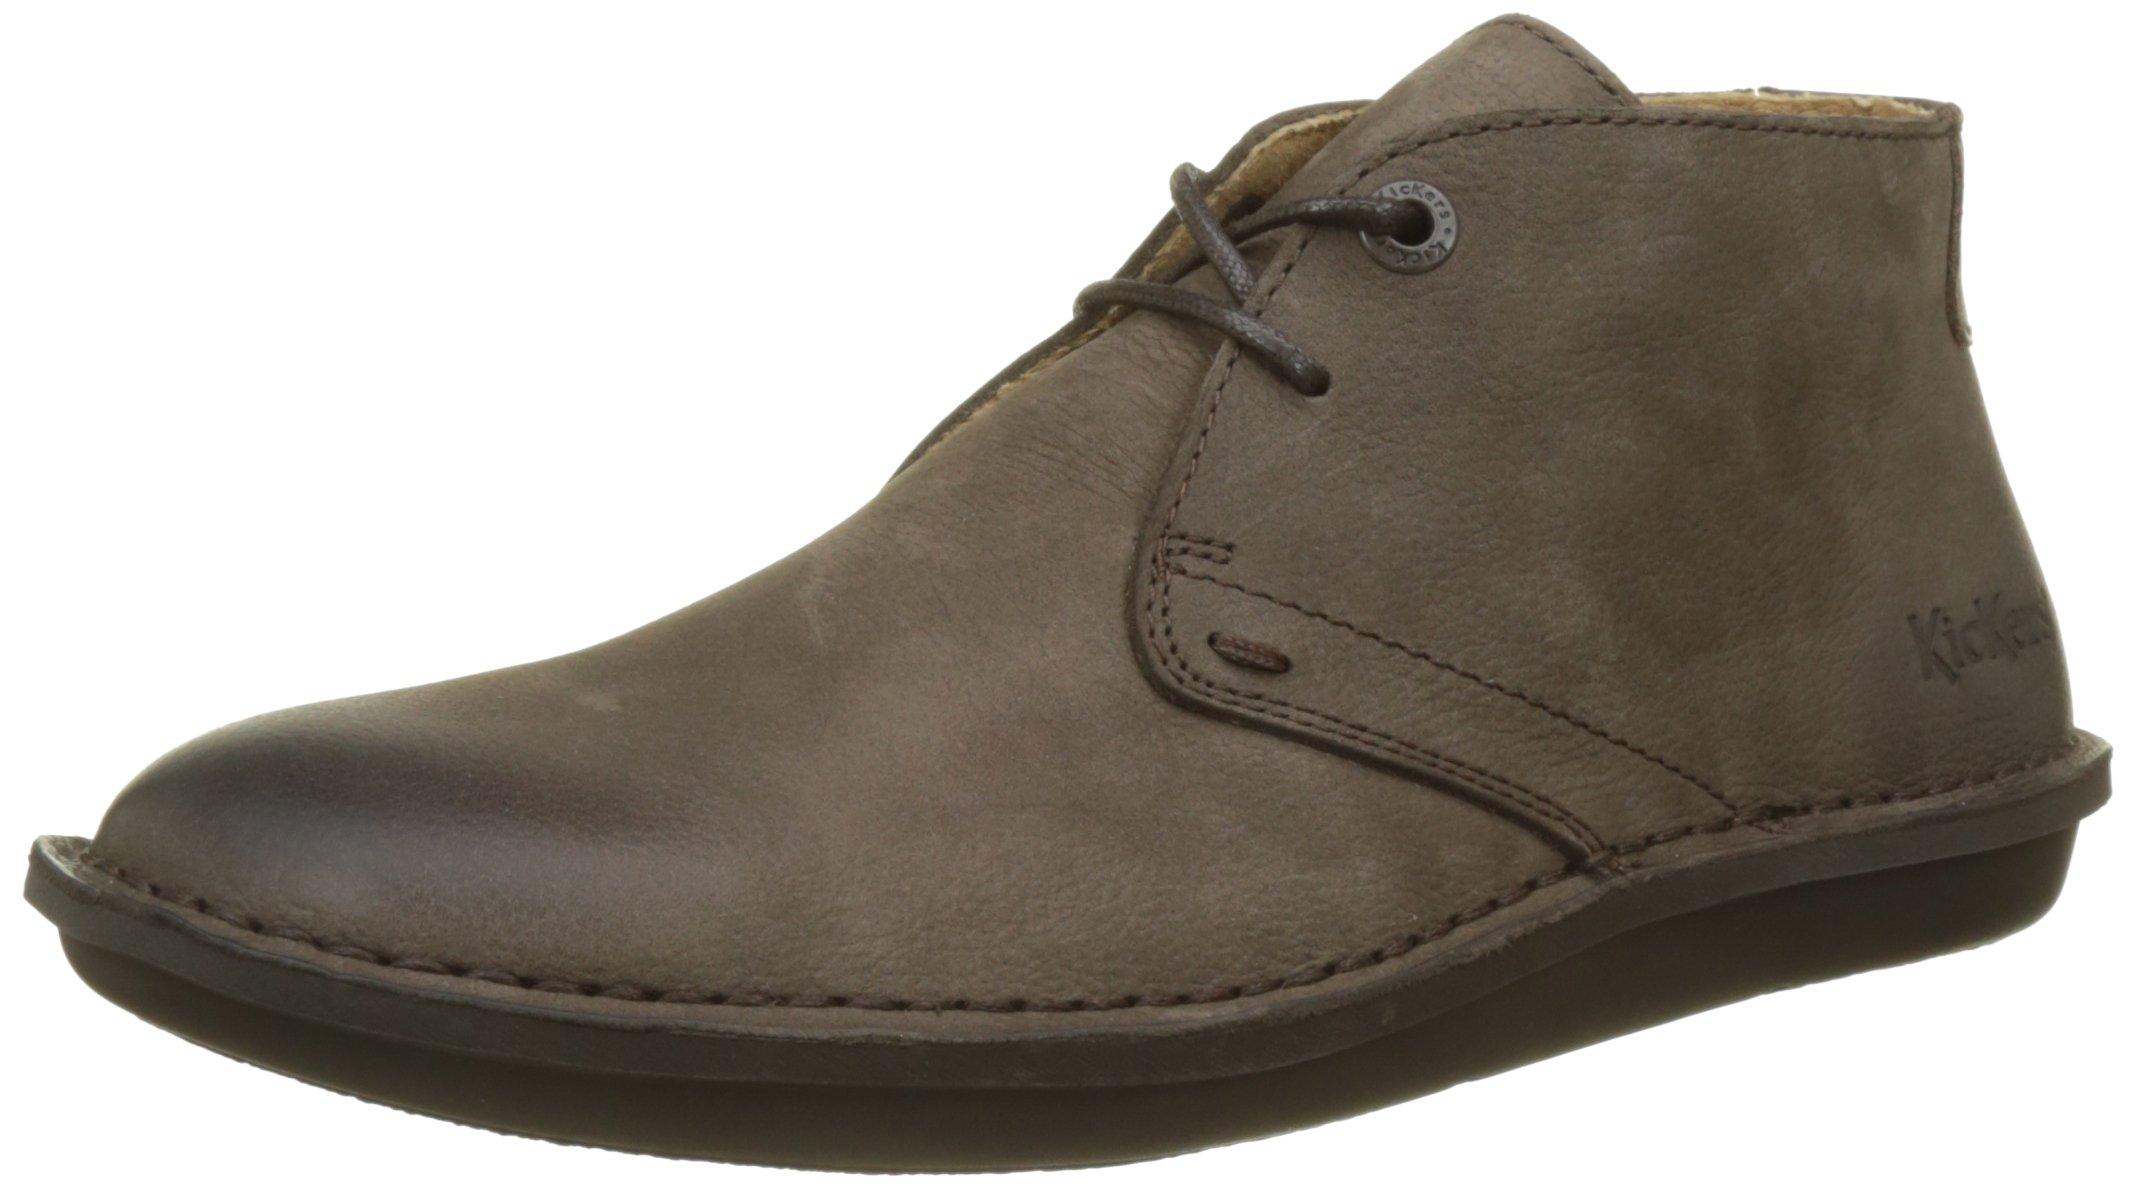 ReborysDesert Kickers Boots Foncé41 Hommesmarron Eu k8nON0wXP